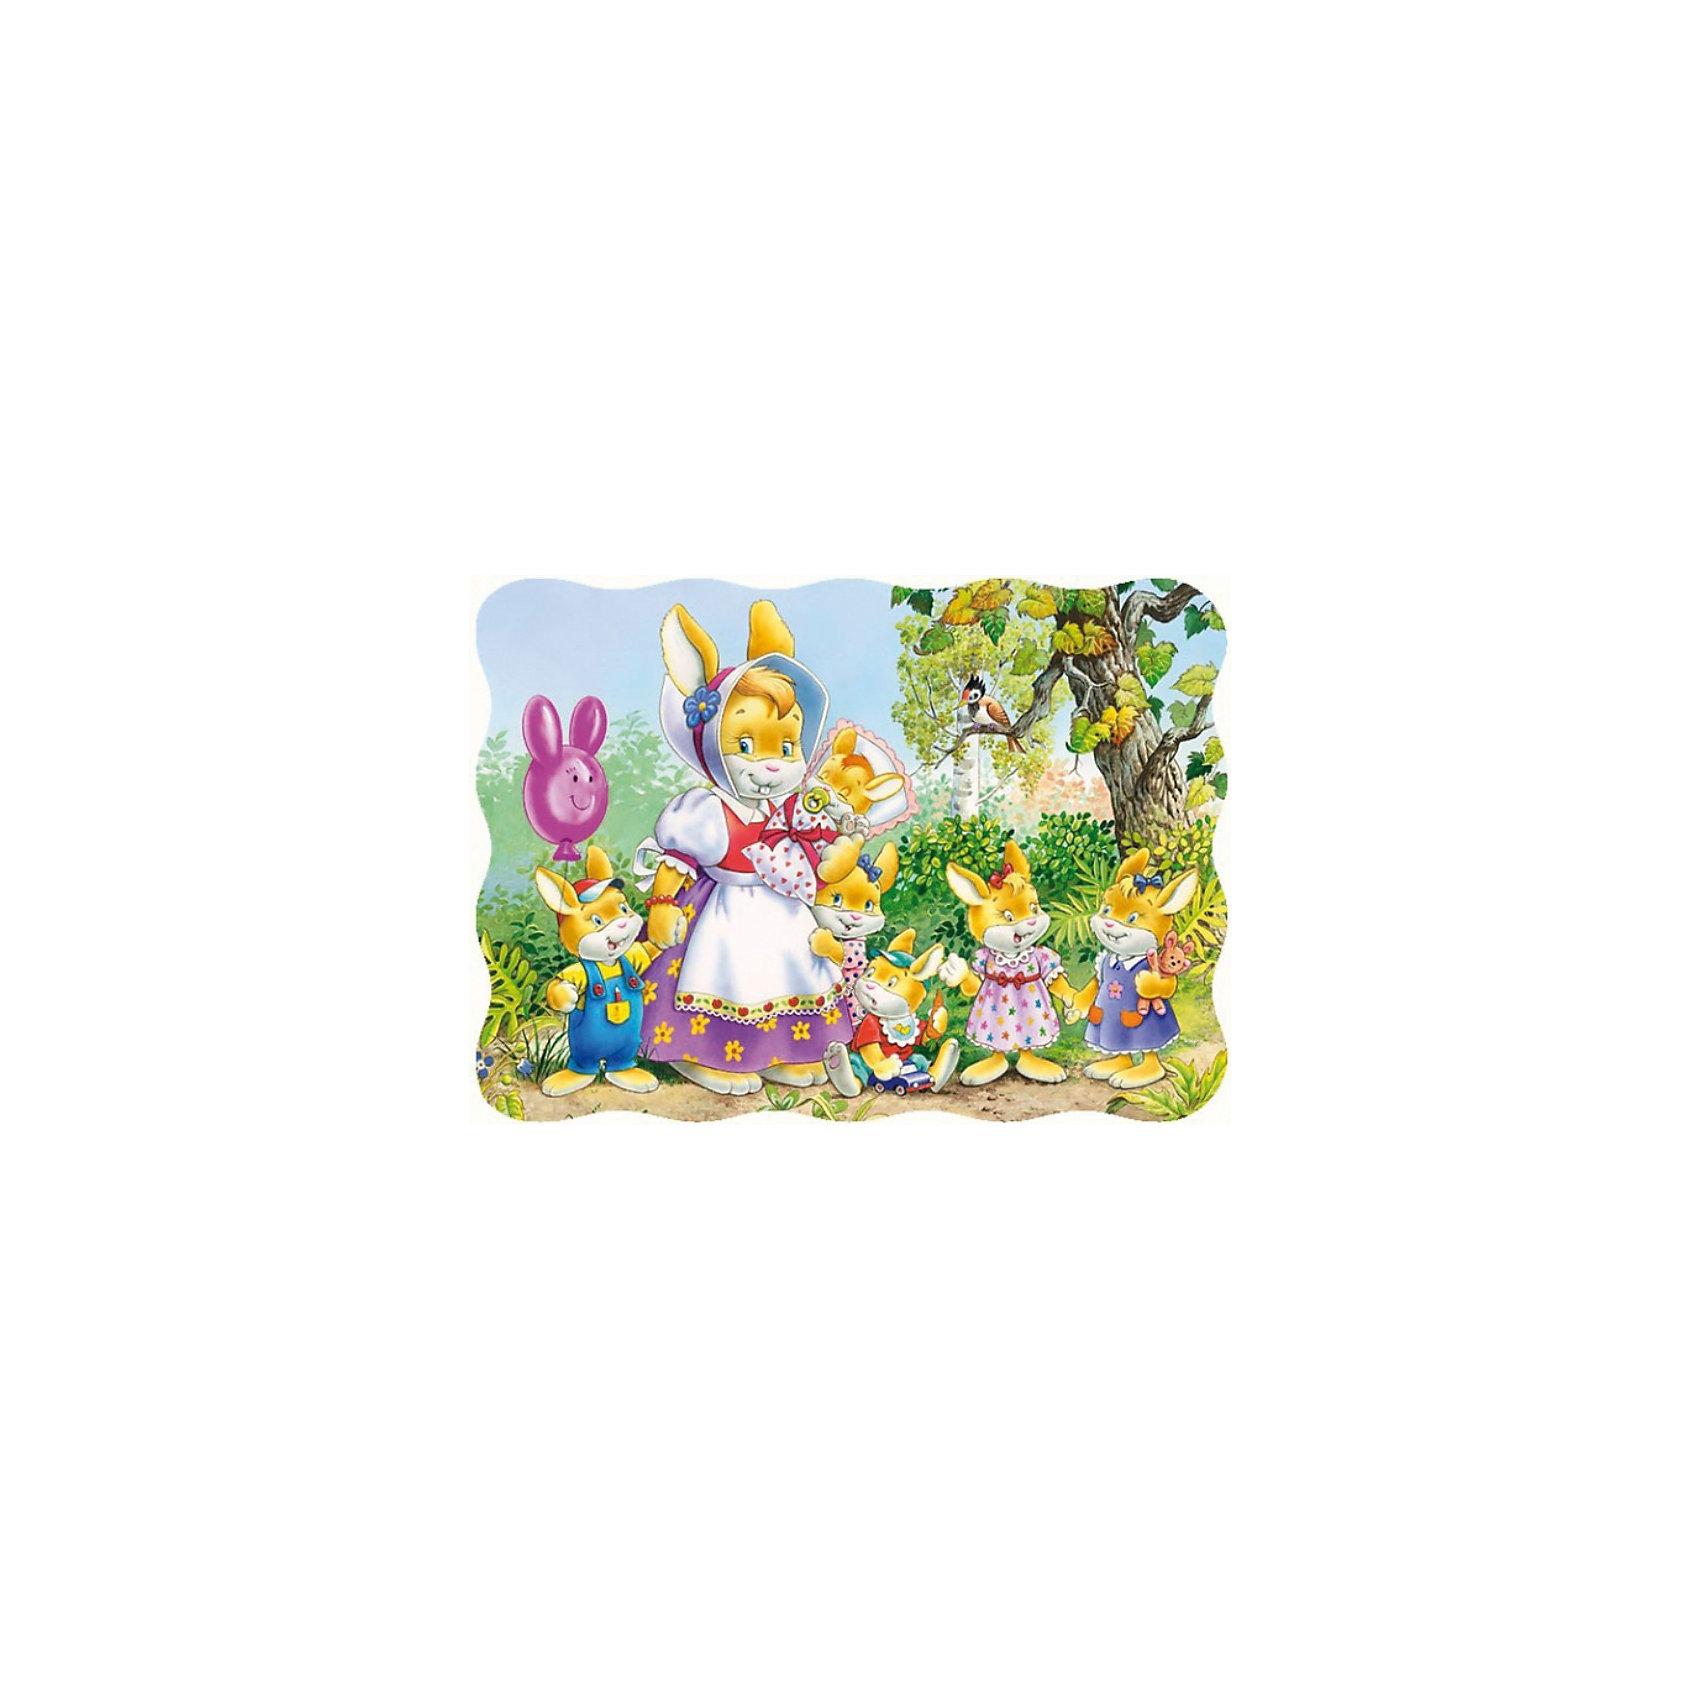 Пазл Семья кроликов, 30 деталей, CastorlandПазлы Семья кроликов, 30 деталей - яркий и красочный пазл-мозаика для малышей.<br><br>Дополнительная информация:<br><br>- Кол-во деталей: 30 шт.<br>- Материал: картон.<br>- Размер собранной картинки: 32 х 23 см.<br>- Размеры упаковки: 27,5 х 19 х 3,7 см.<br><br>Ширина мм: 180<br>Глубина мм: 40<br>Высота мм: 130<br>Вес г: 150<br>Возраст от месяцев: 36<br>Возраст до месяцев: 84<br>Пол: Унисекс<br>Возраст: Детский<br>Количество деталей: 30<br>SKU: 2562349